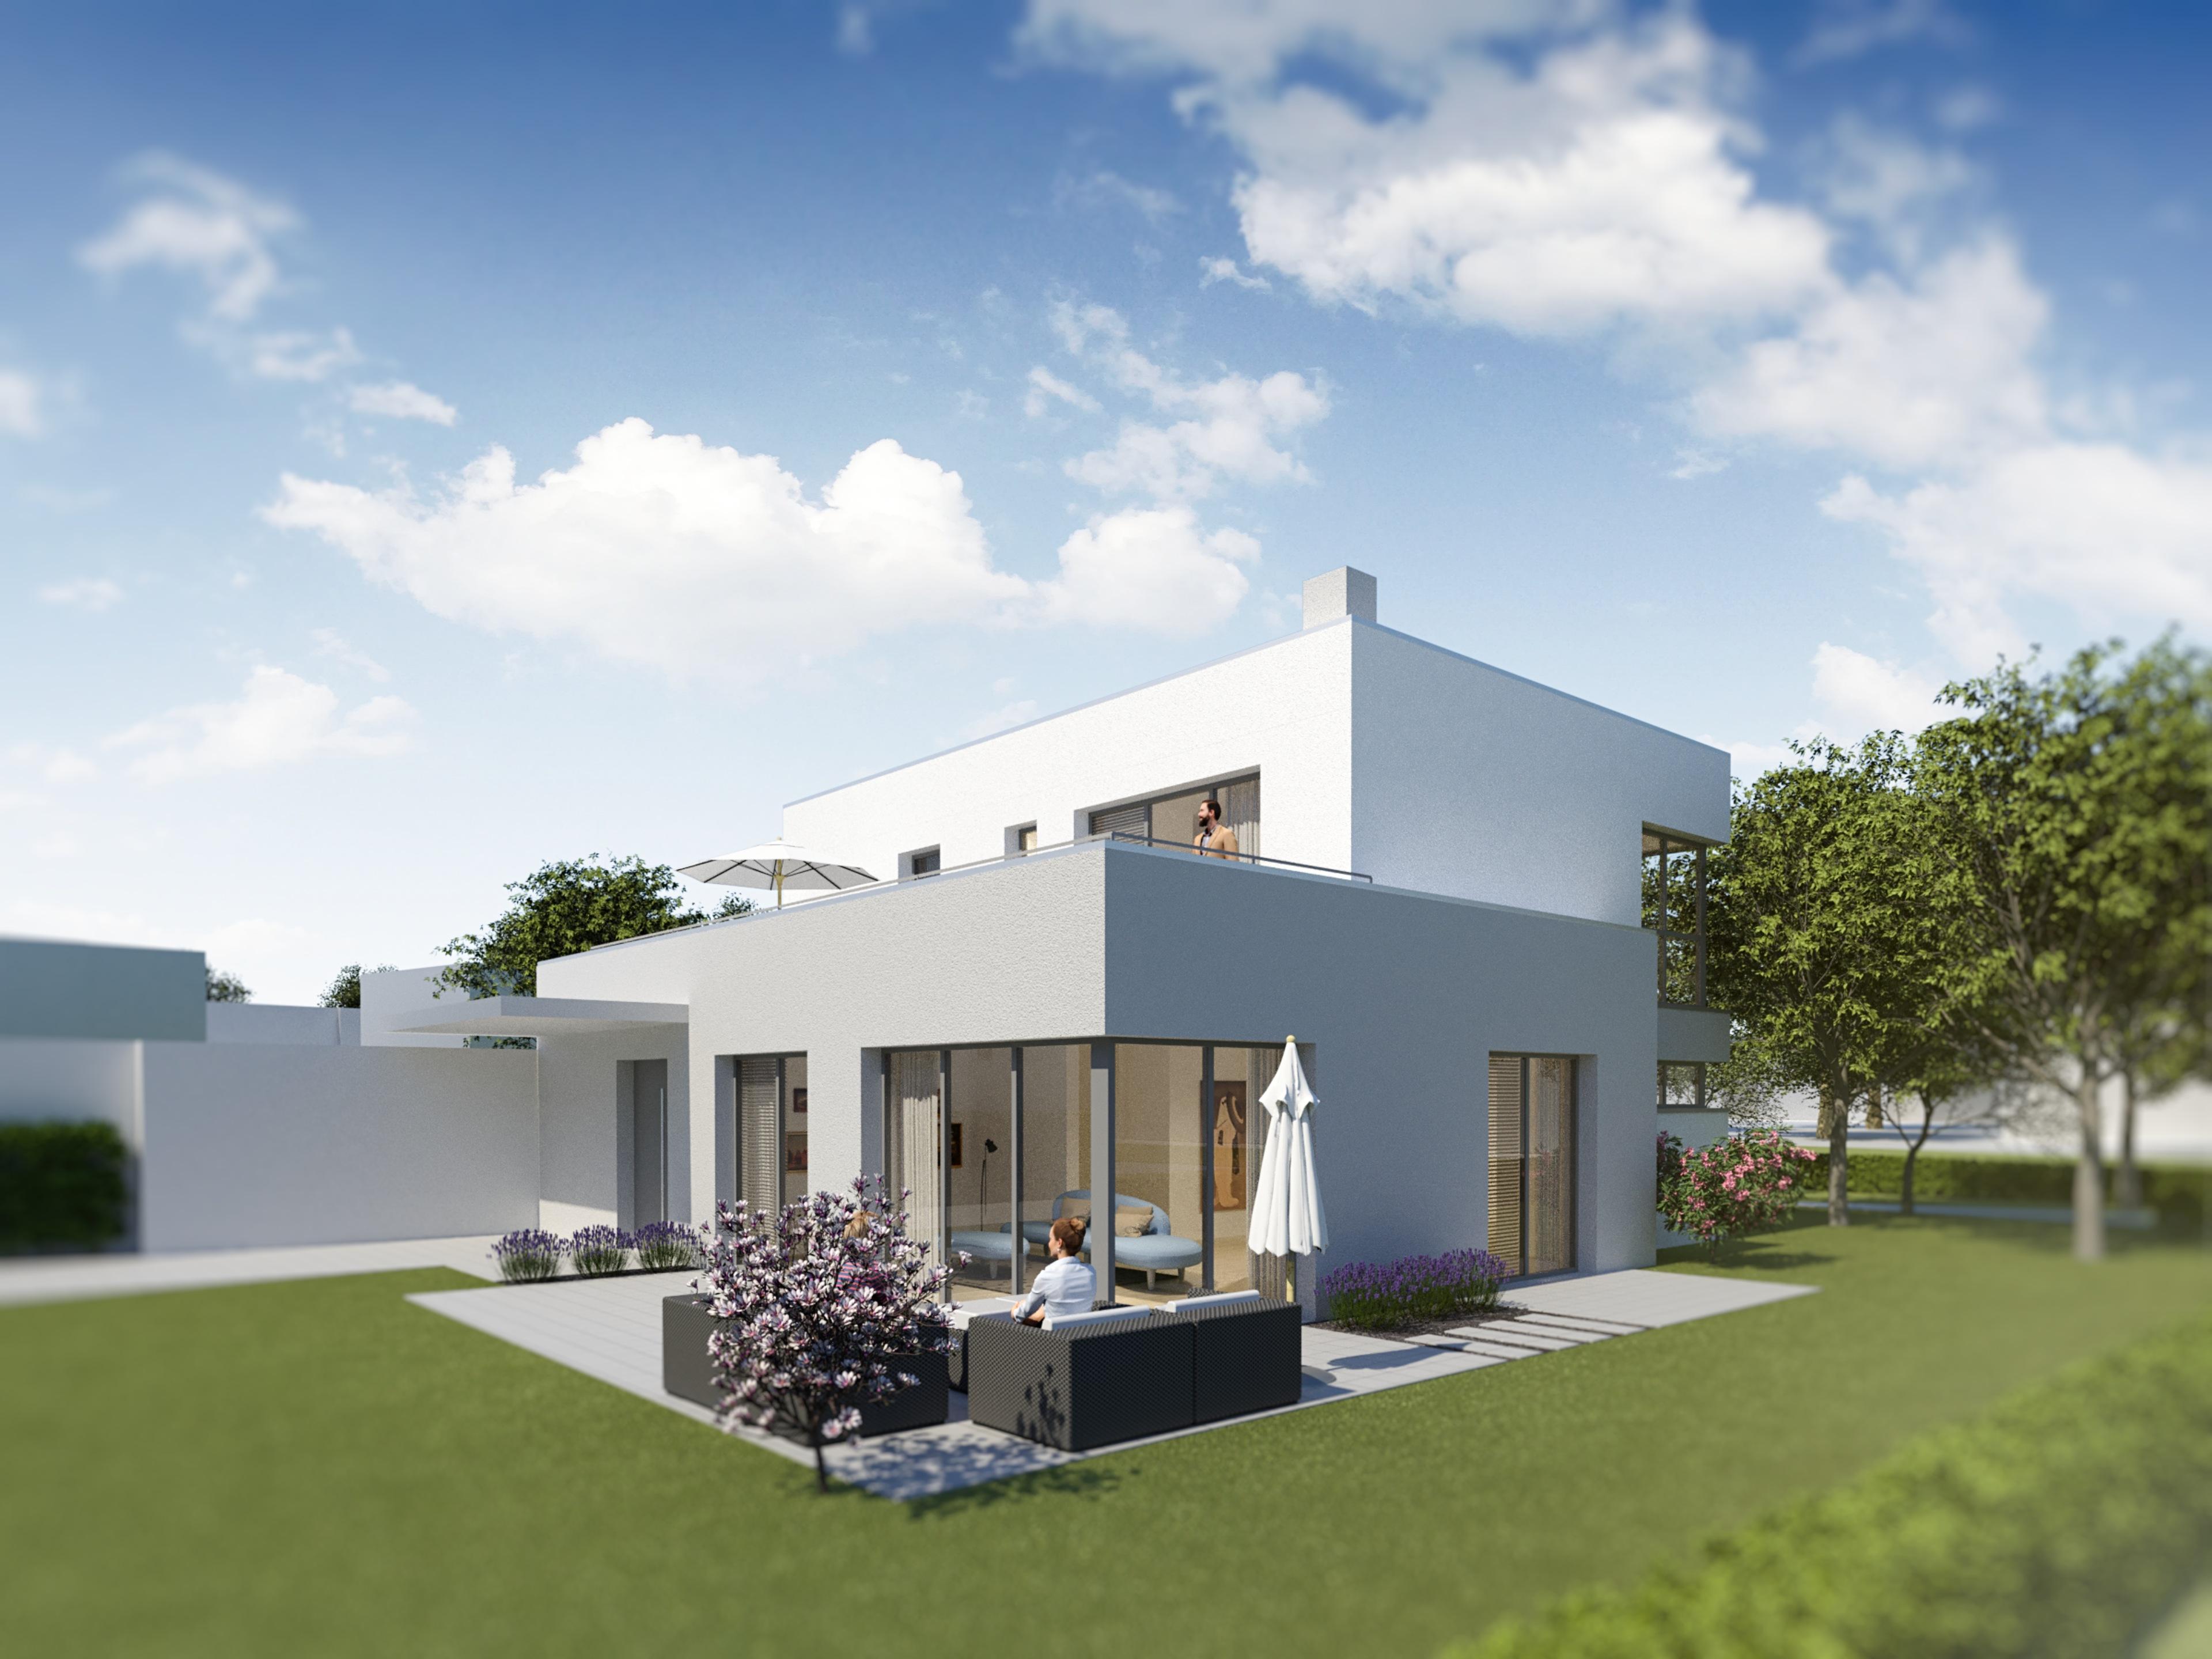 Einfamilienhaus Architekturbuero Kulla